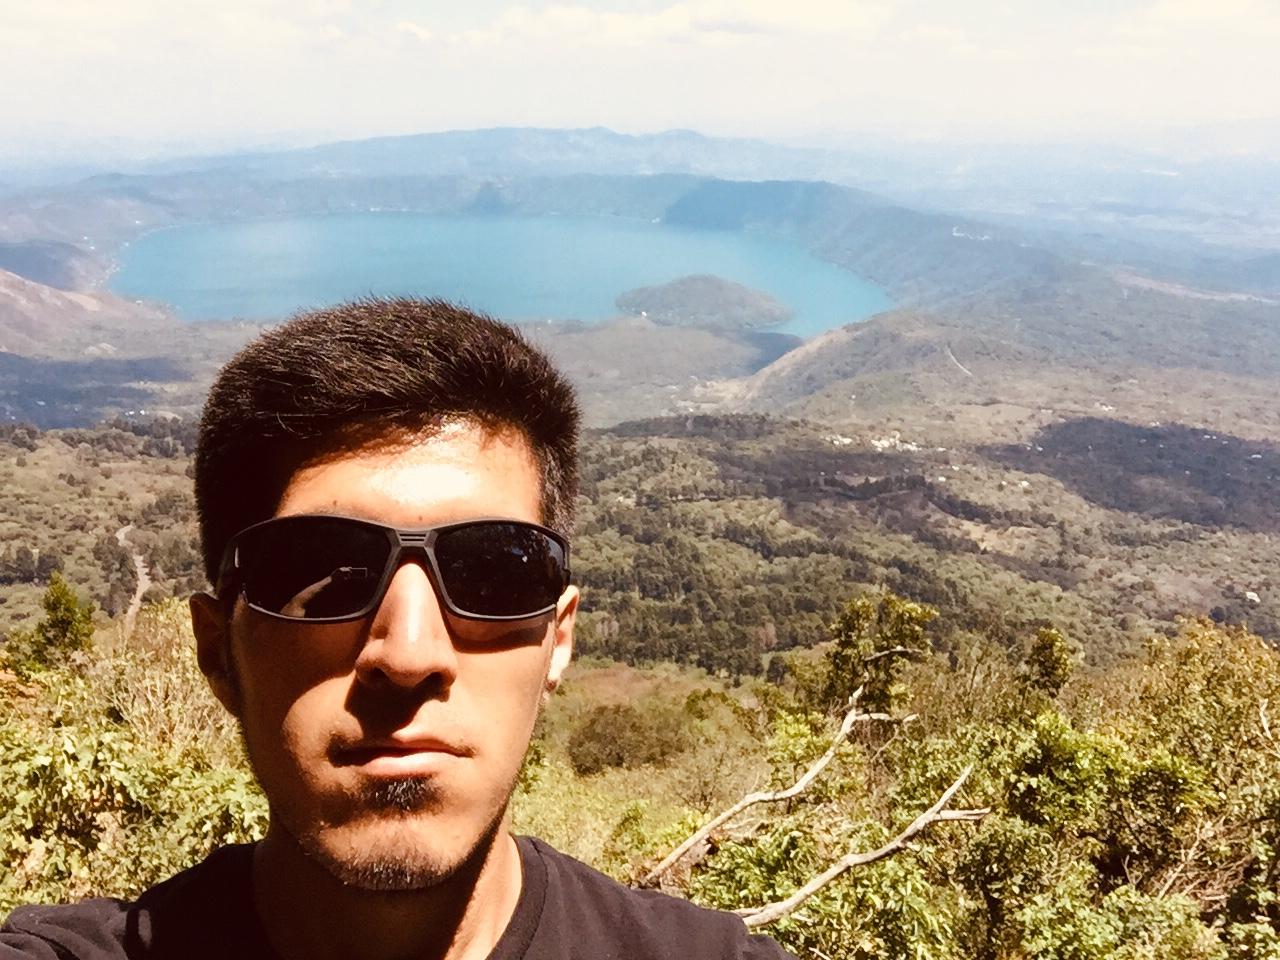 razones para viajar solo Gabiajando El Salvador